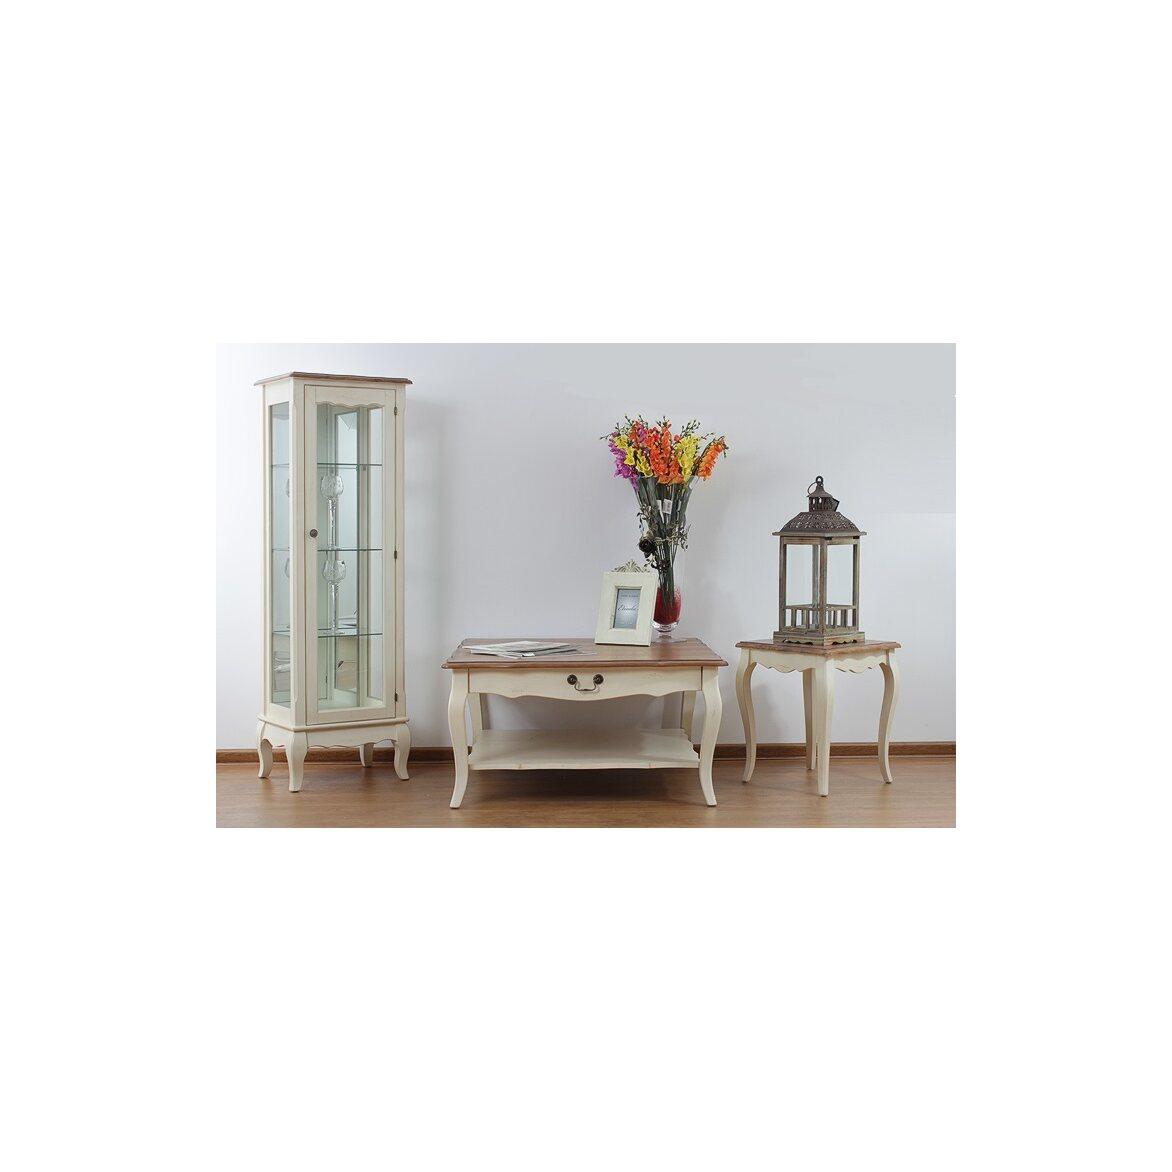 Низкий чайный столик (квадратный) Leontina, бежевого цвета 4 | Журнальные столики Kingsby